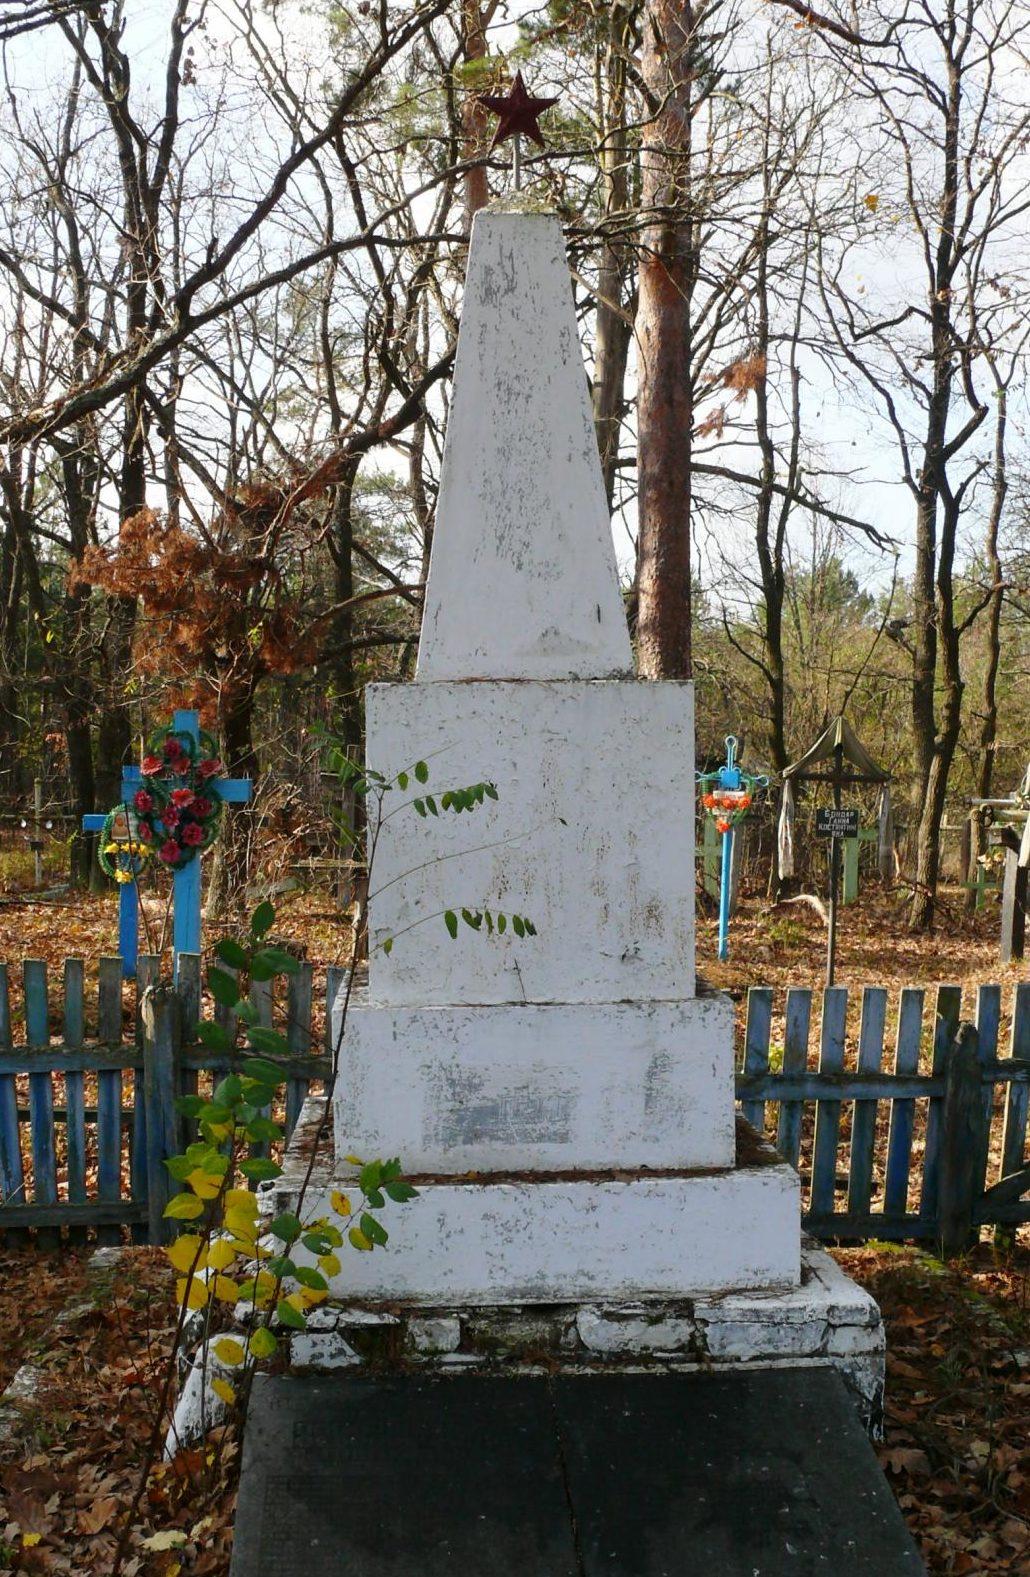 с. Плютовище, Чернобыльская зона отчуждения. Братская могила воинов 6 гвардейской стрелковой дивизии, погибших в октябре 1943 г. Всего захоронено 50 воинов.